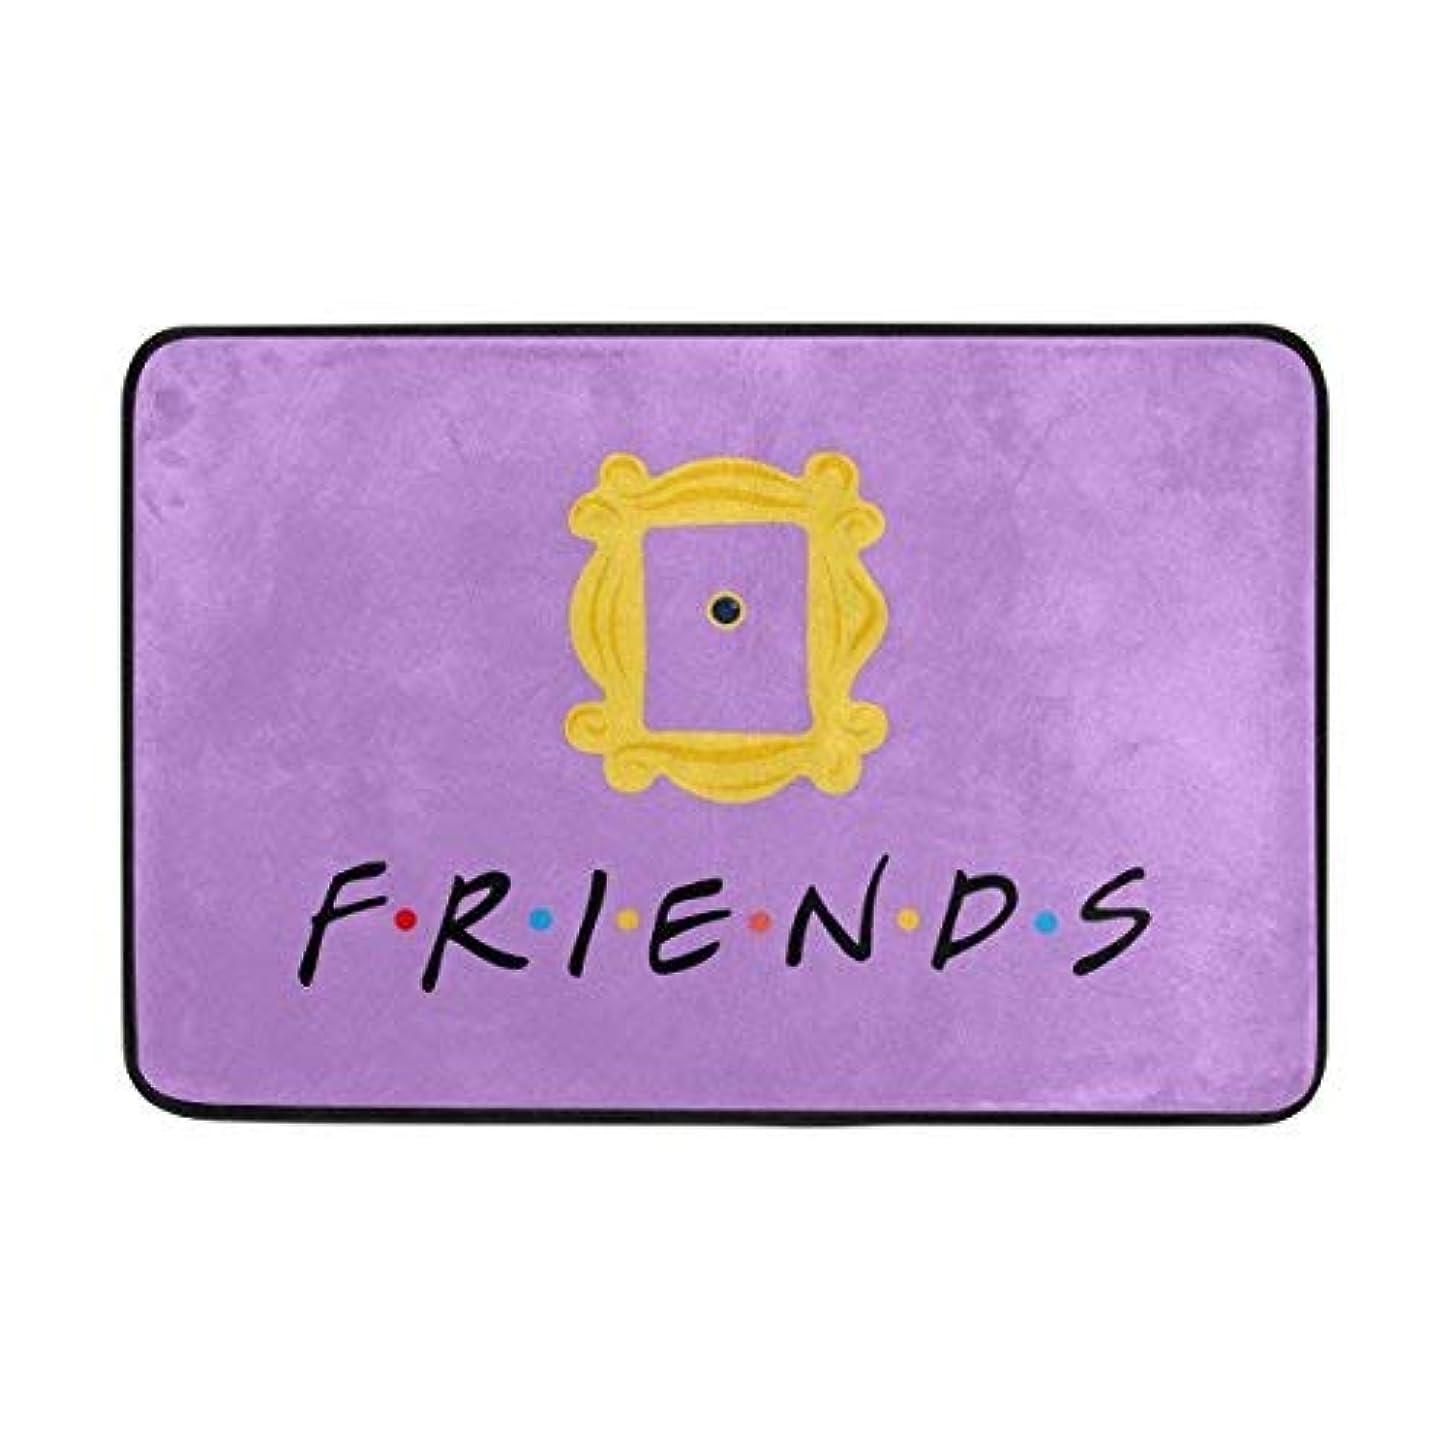 報酬の愚かスカーフドアマットフレンズテレビ番組カード屋内/屋外の装飾の敷物Doormat滑り止めの家の装飾 75x45 CM